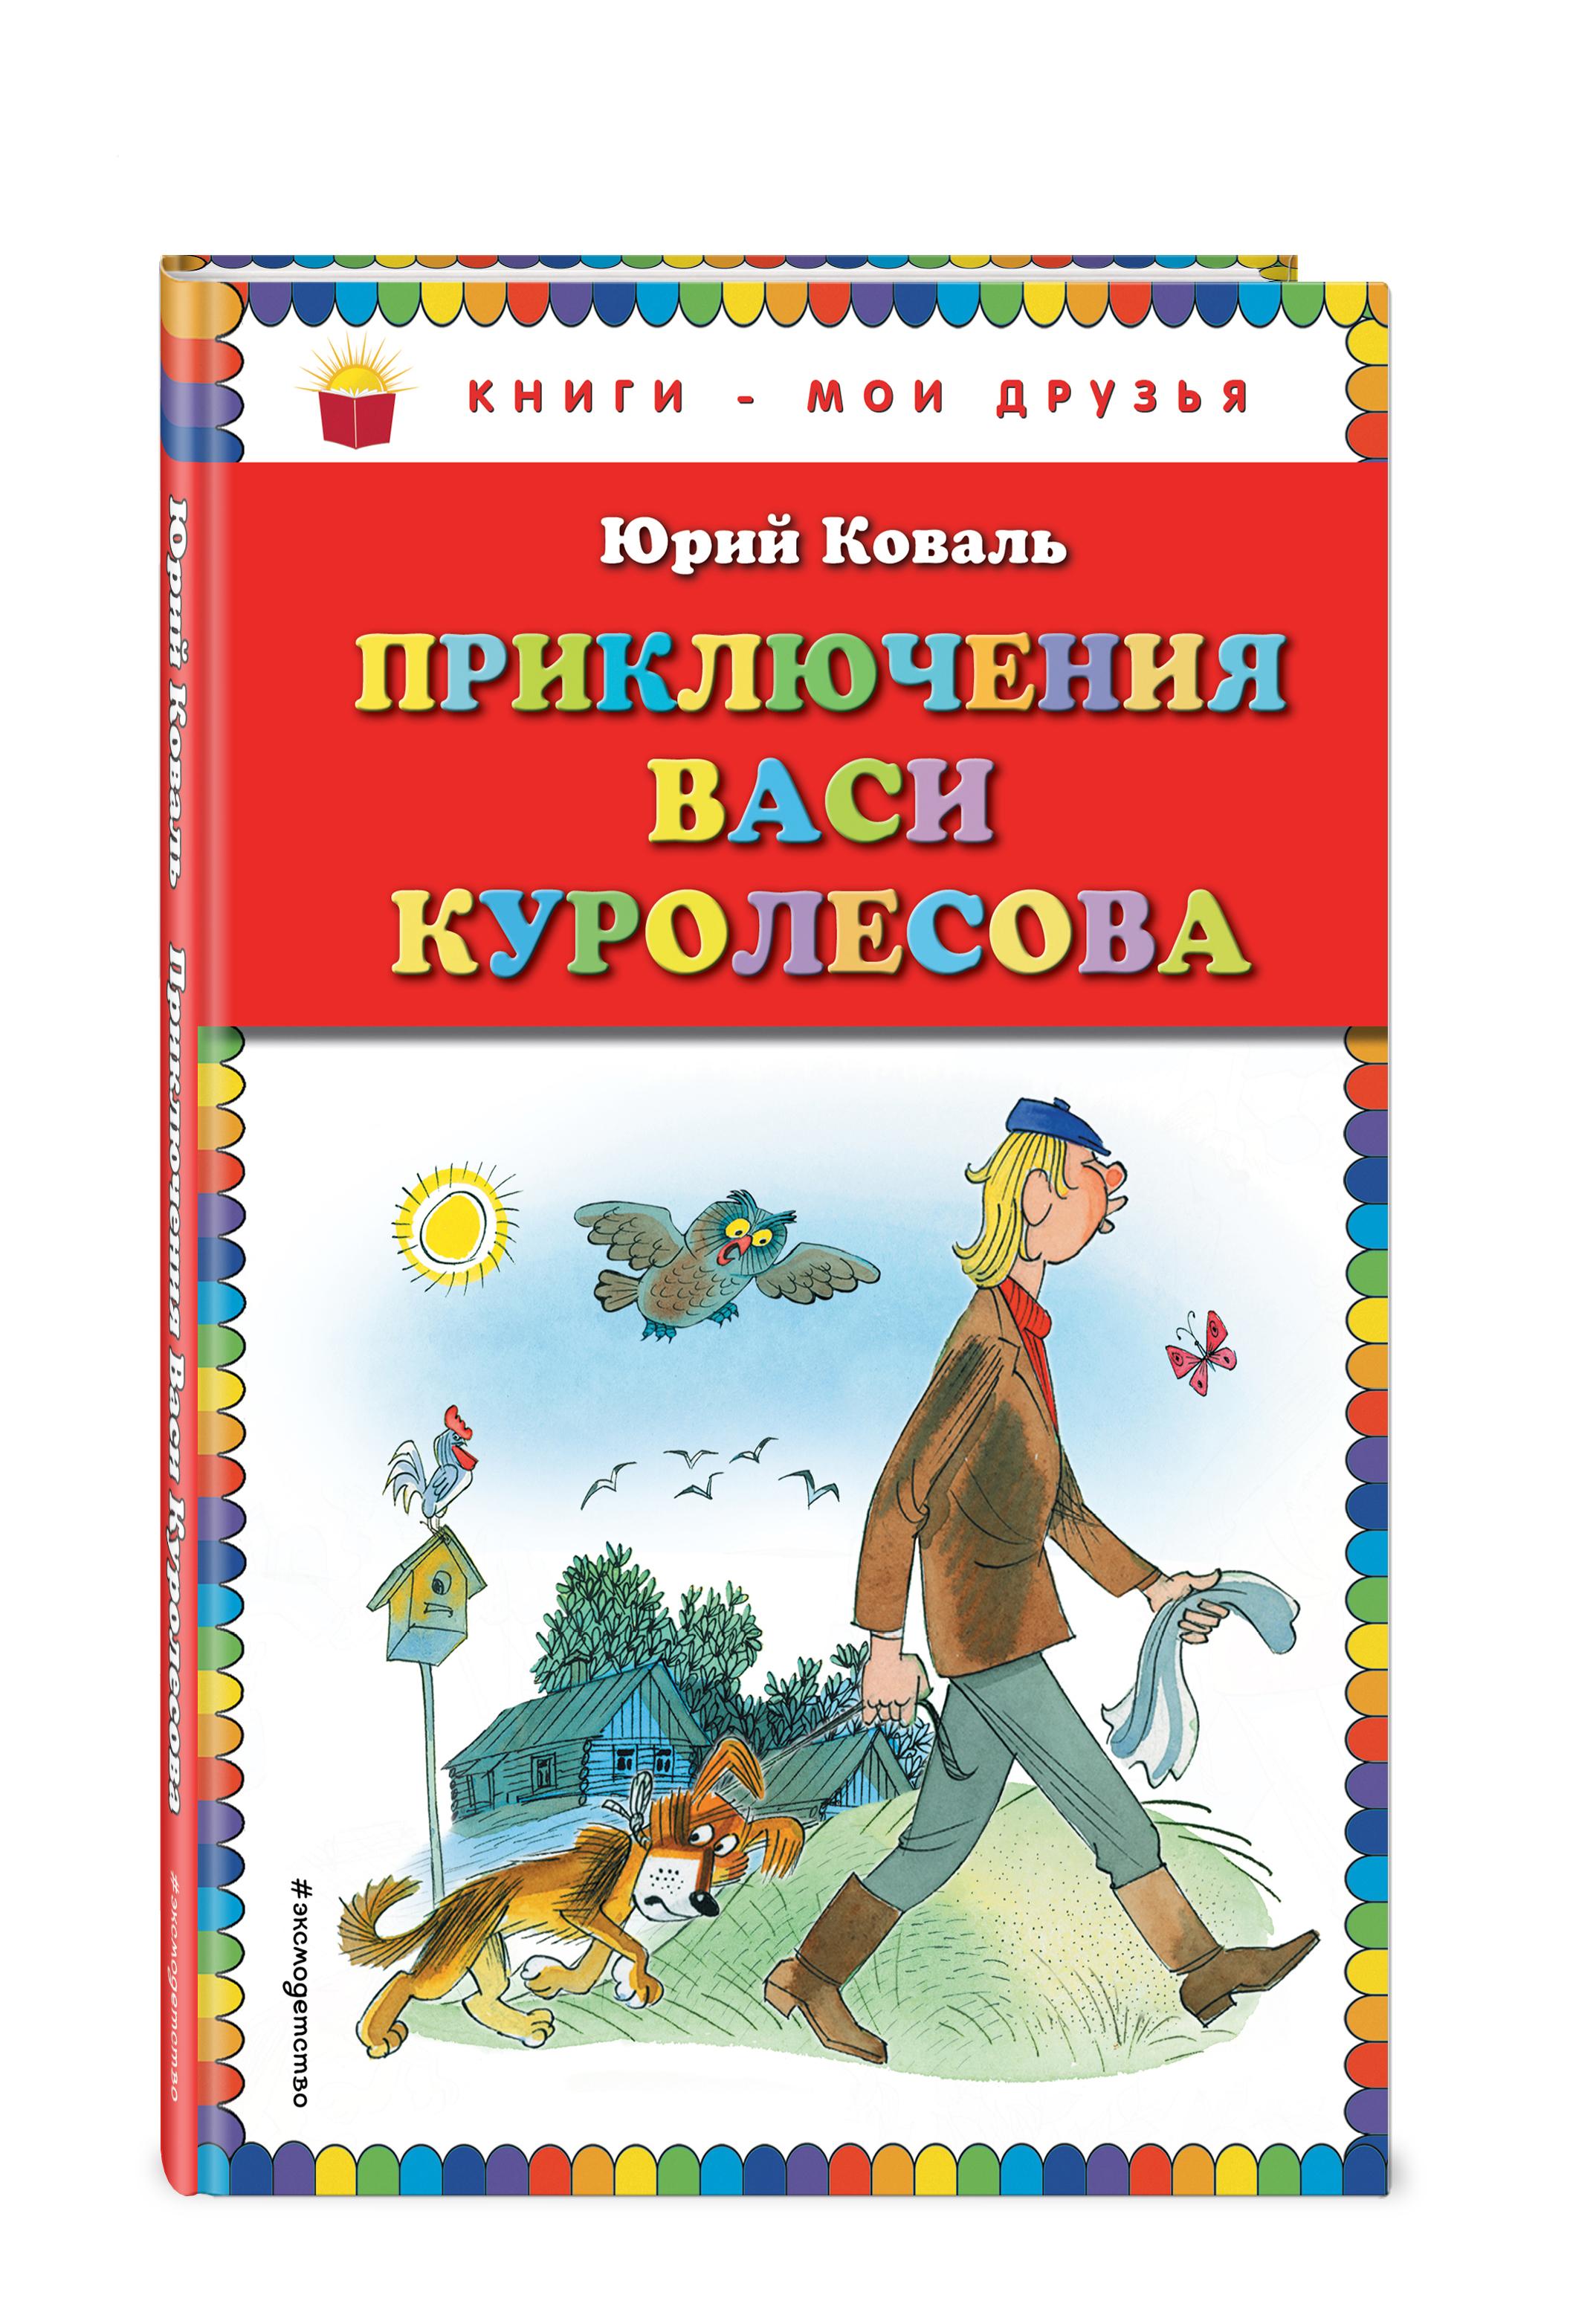 Приключения Васи Куролесова (ил. В. Чижикова) ( Коваль Ю.И.  )